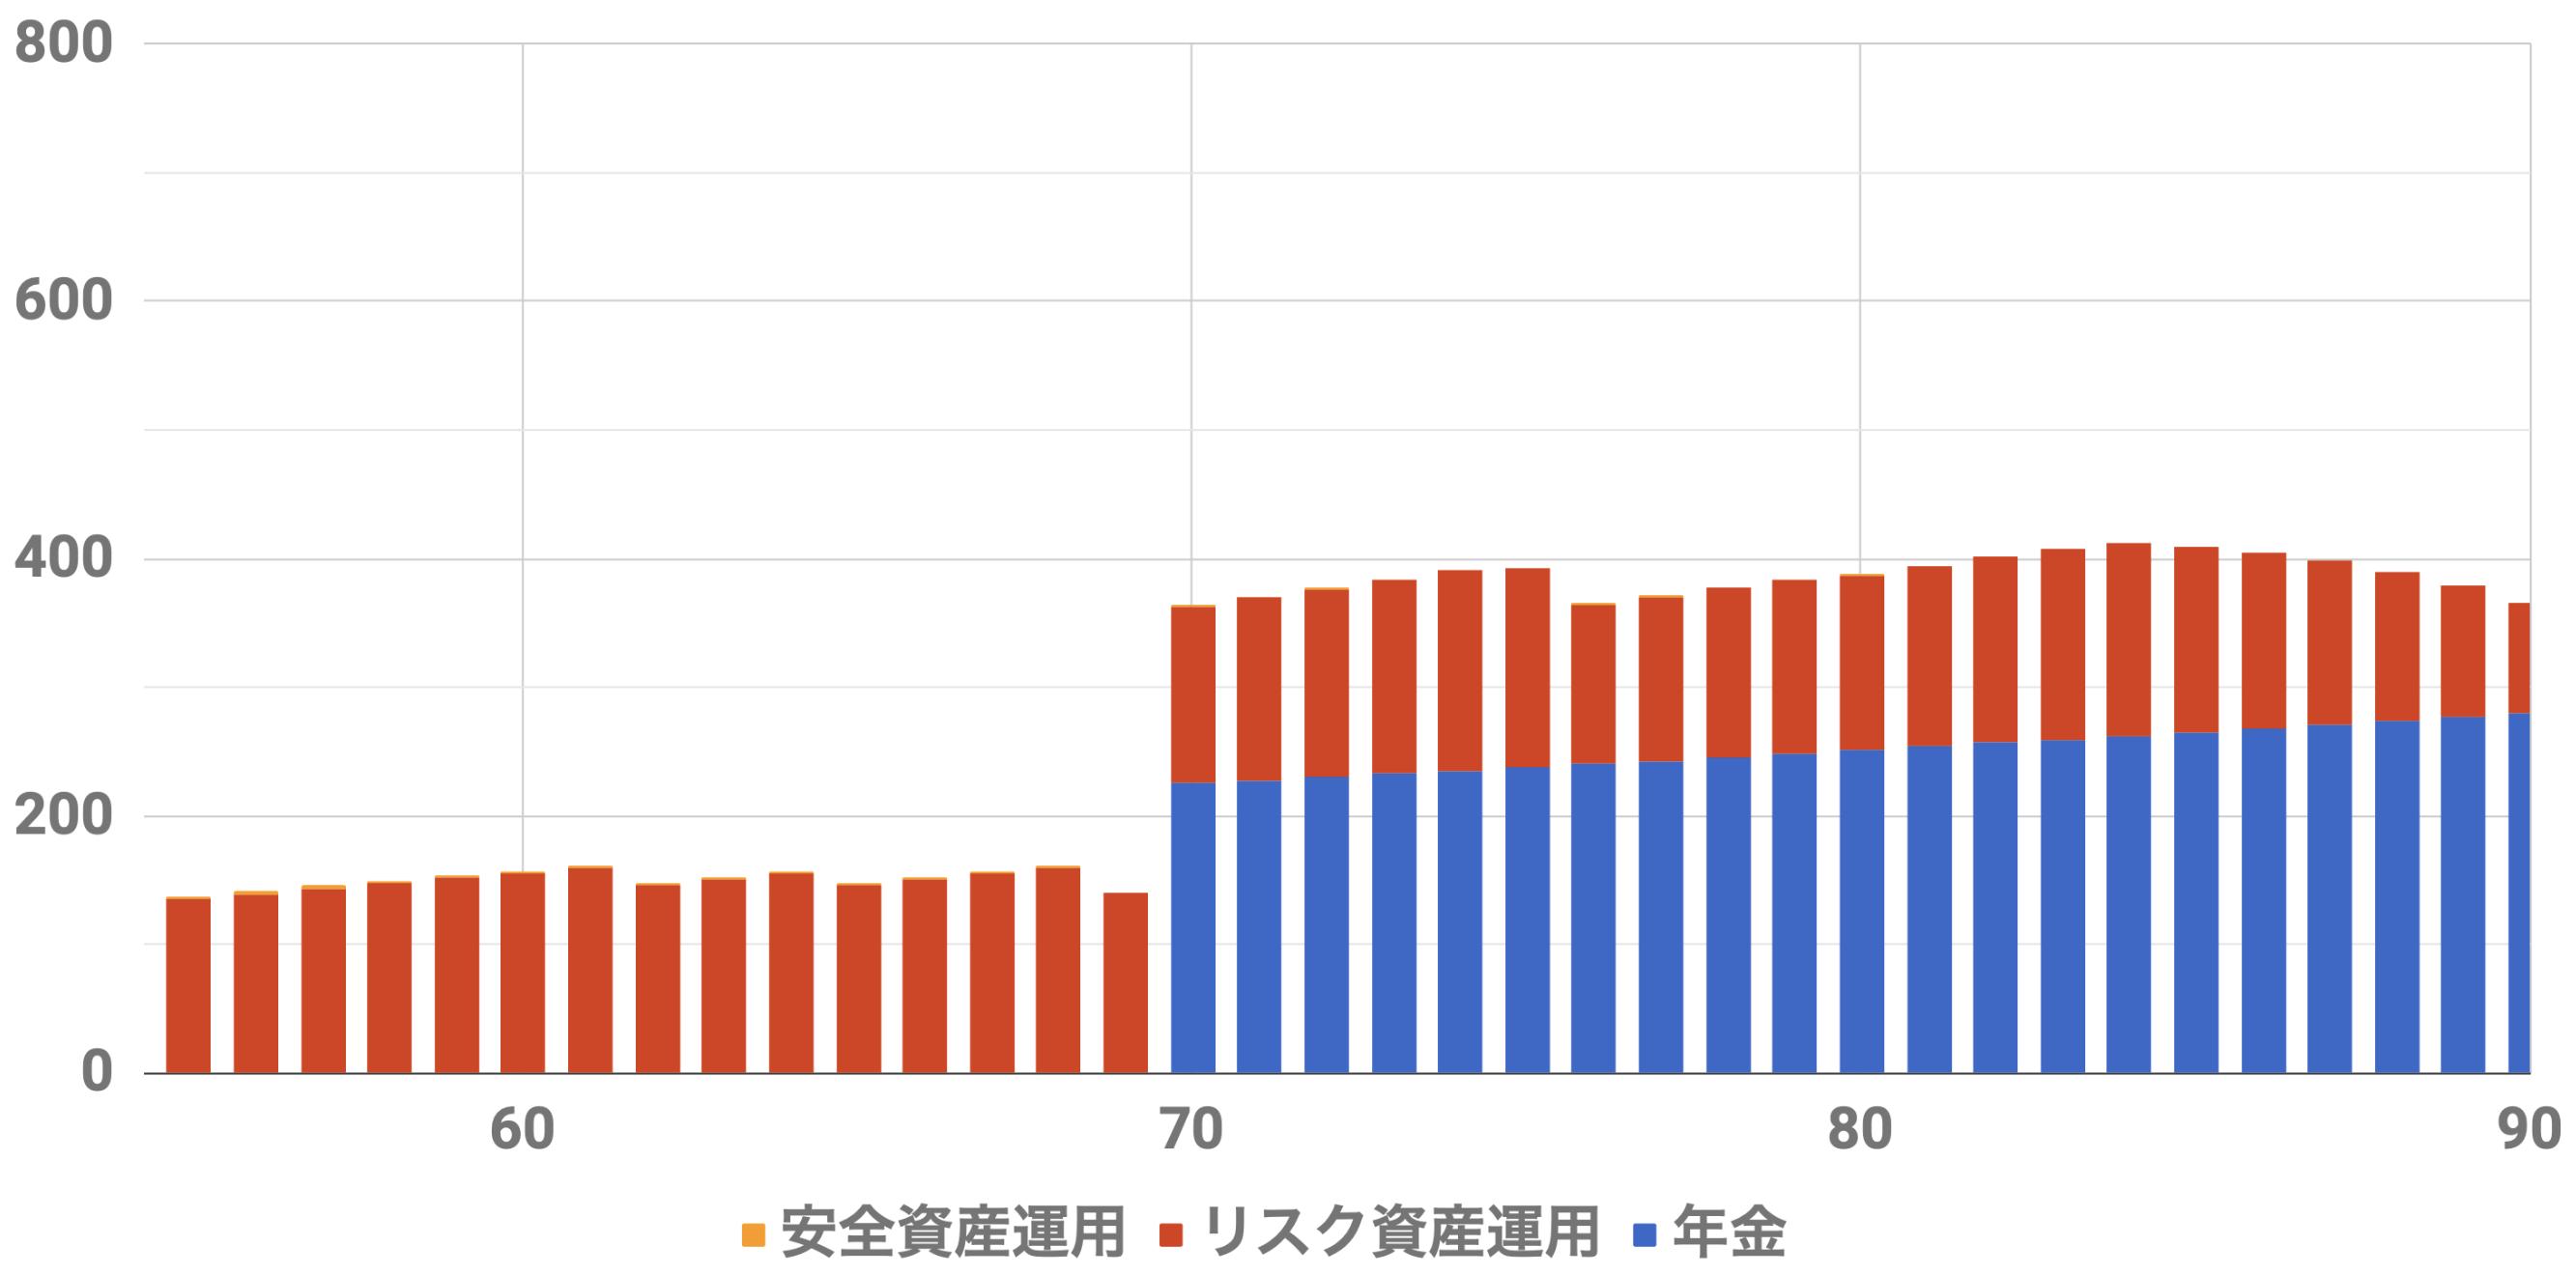 55歳9000万円収入シミュレーション(Level5)インフレ率2%利率3%連続増配率3%安全資産4500万リスク資産4500万